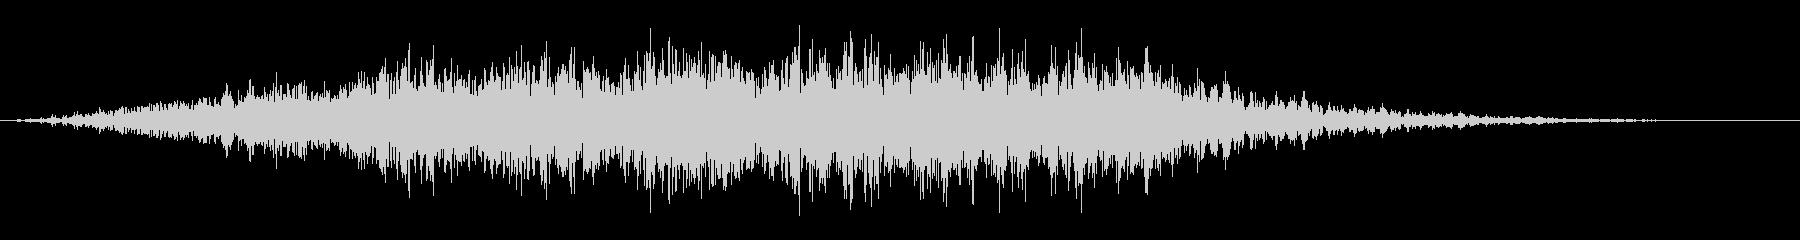 シューッという音EC07_92_1の未再生の波形